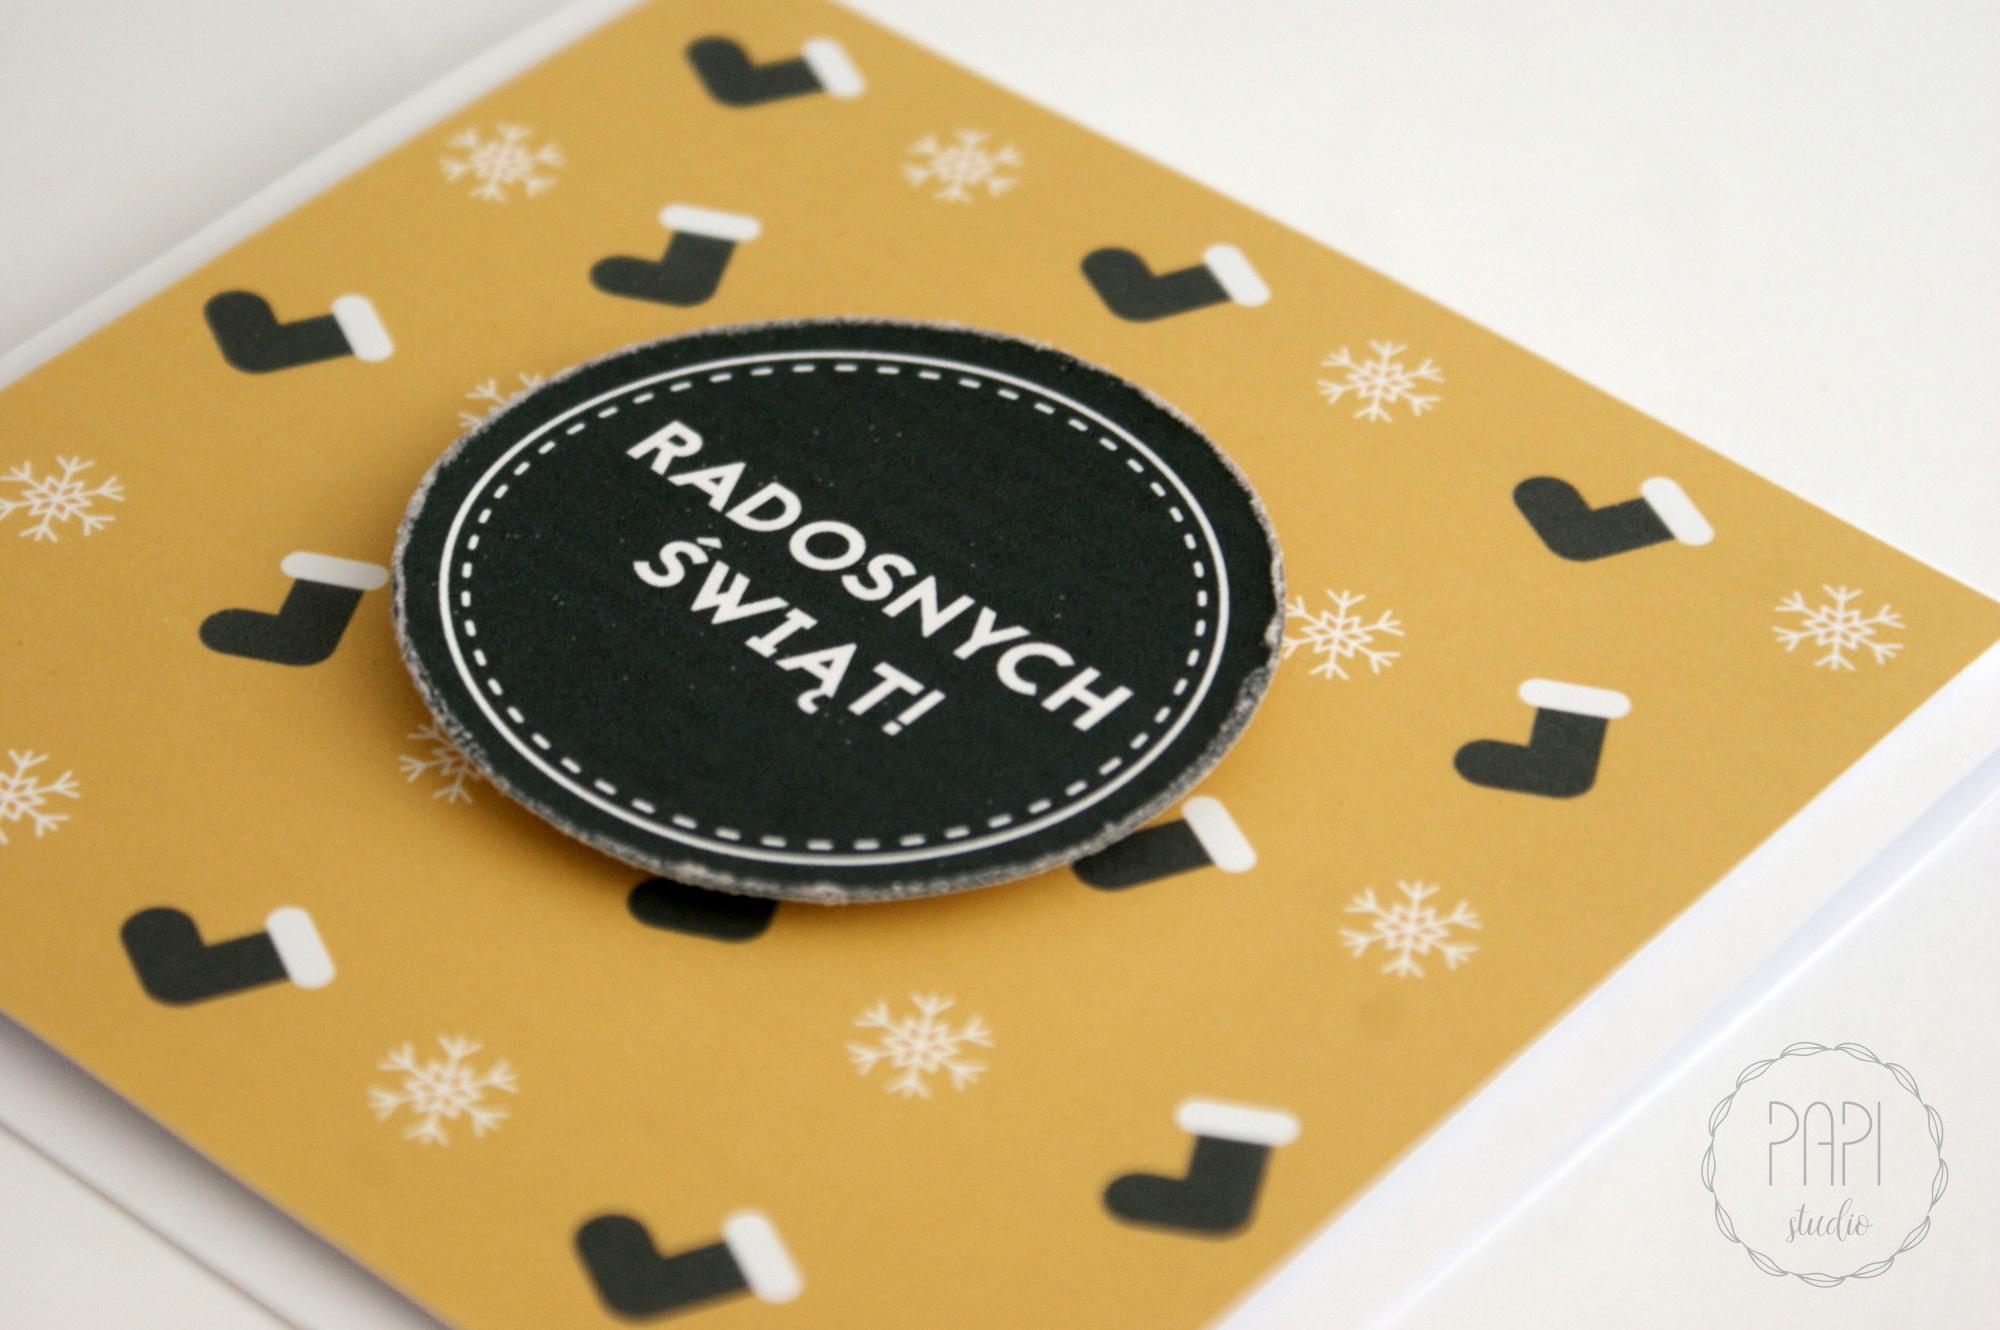 Kartka świąteczna dla przyjaciół handmade